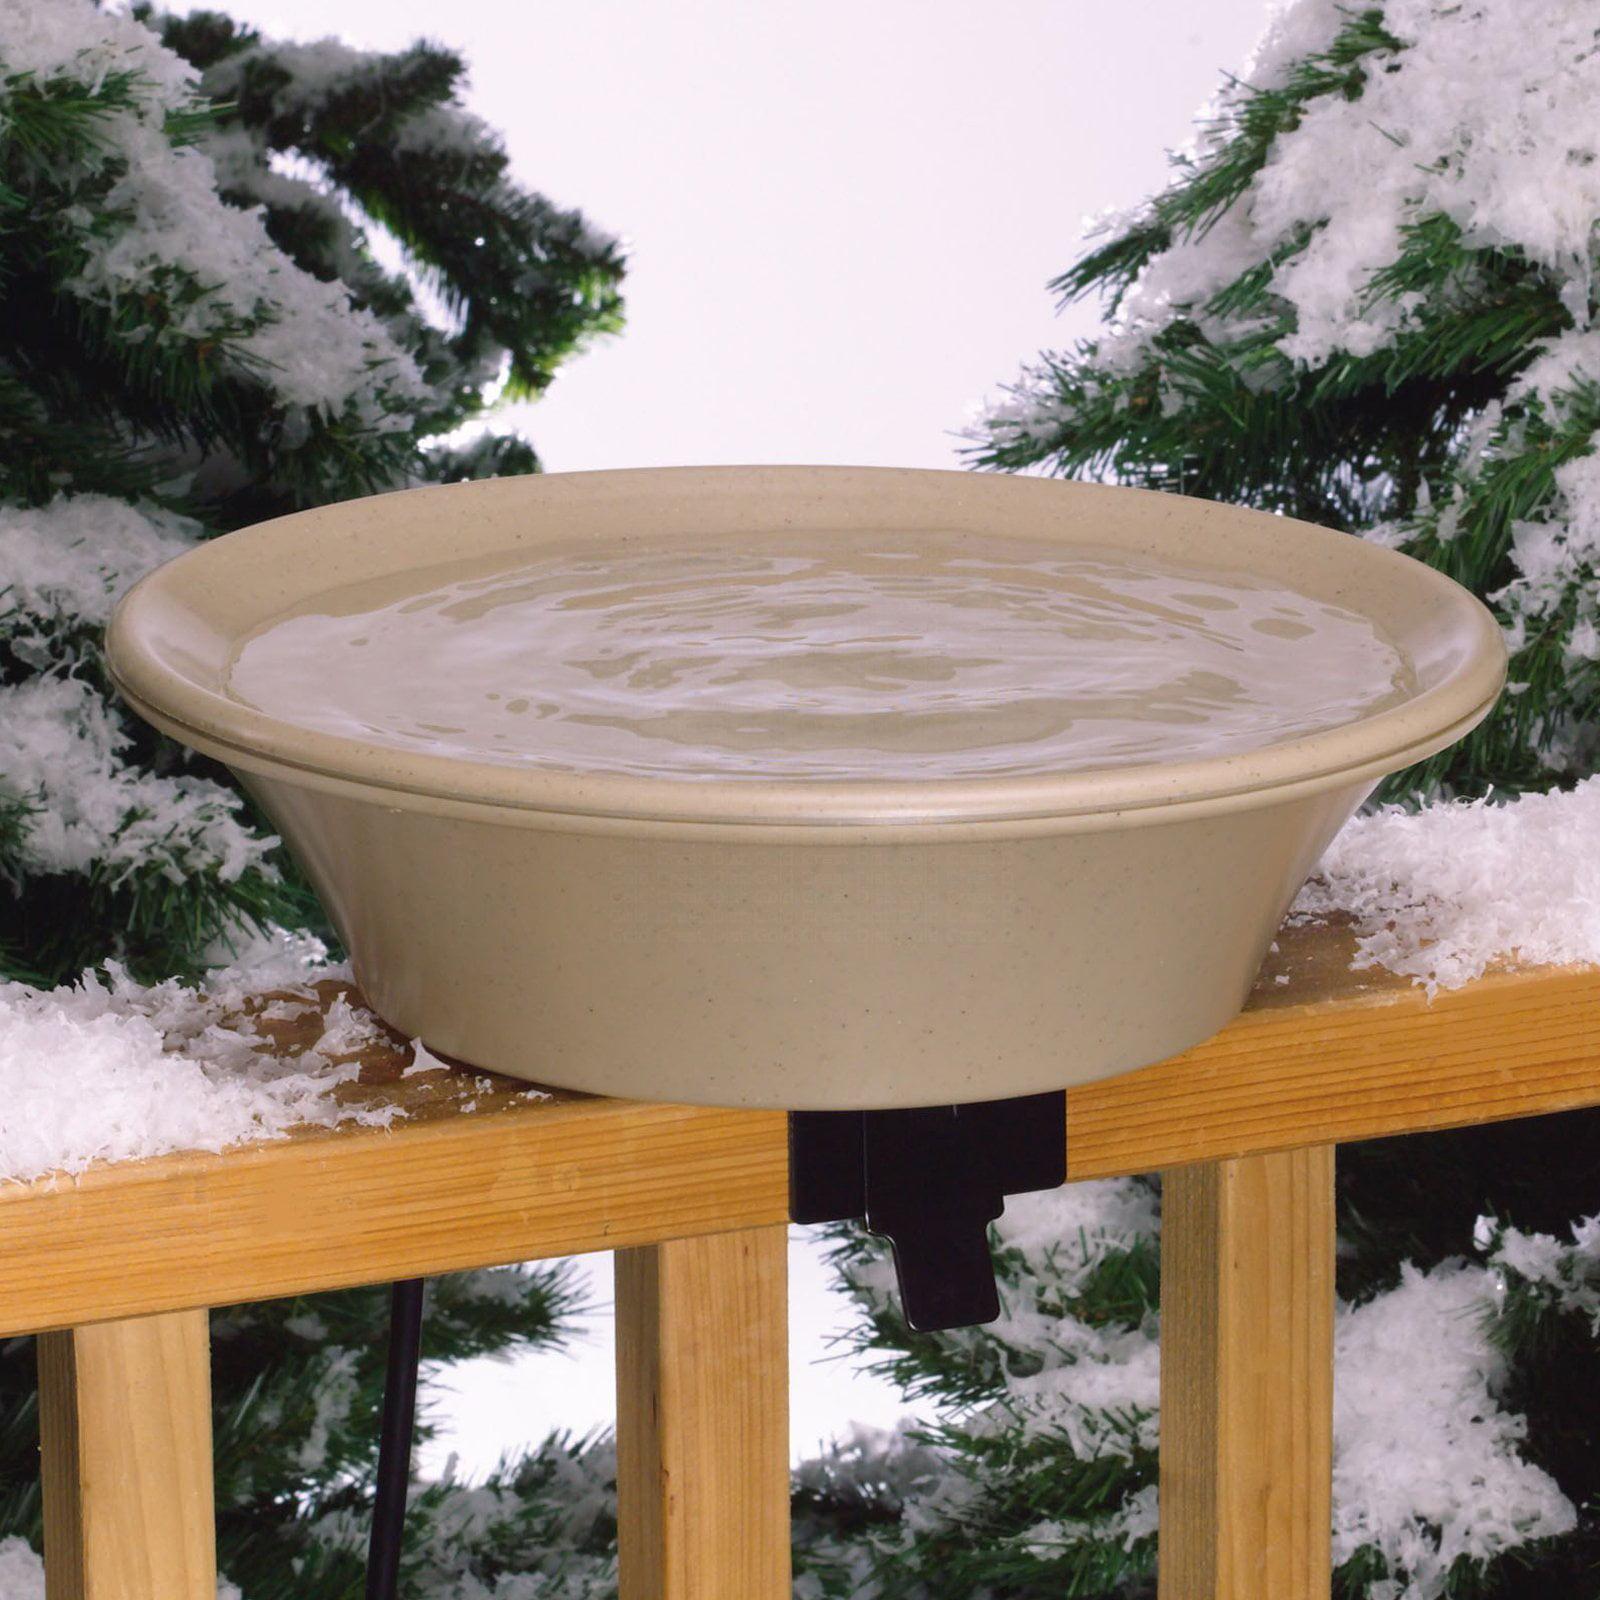 Allied Precision 14 in. Bird Bath Deck/Pole Heated